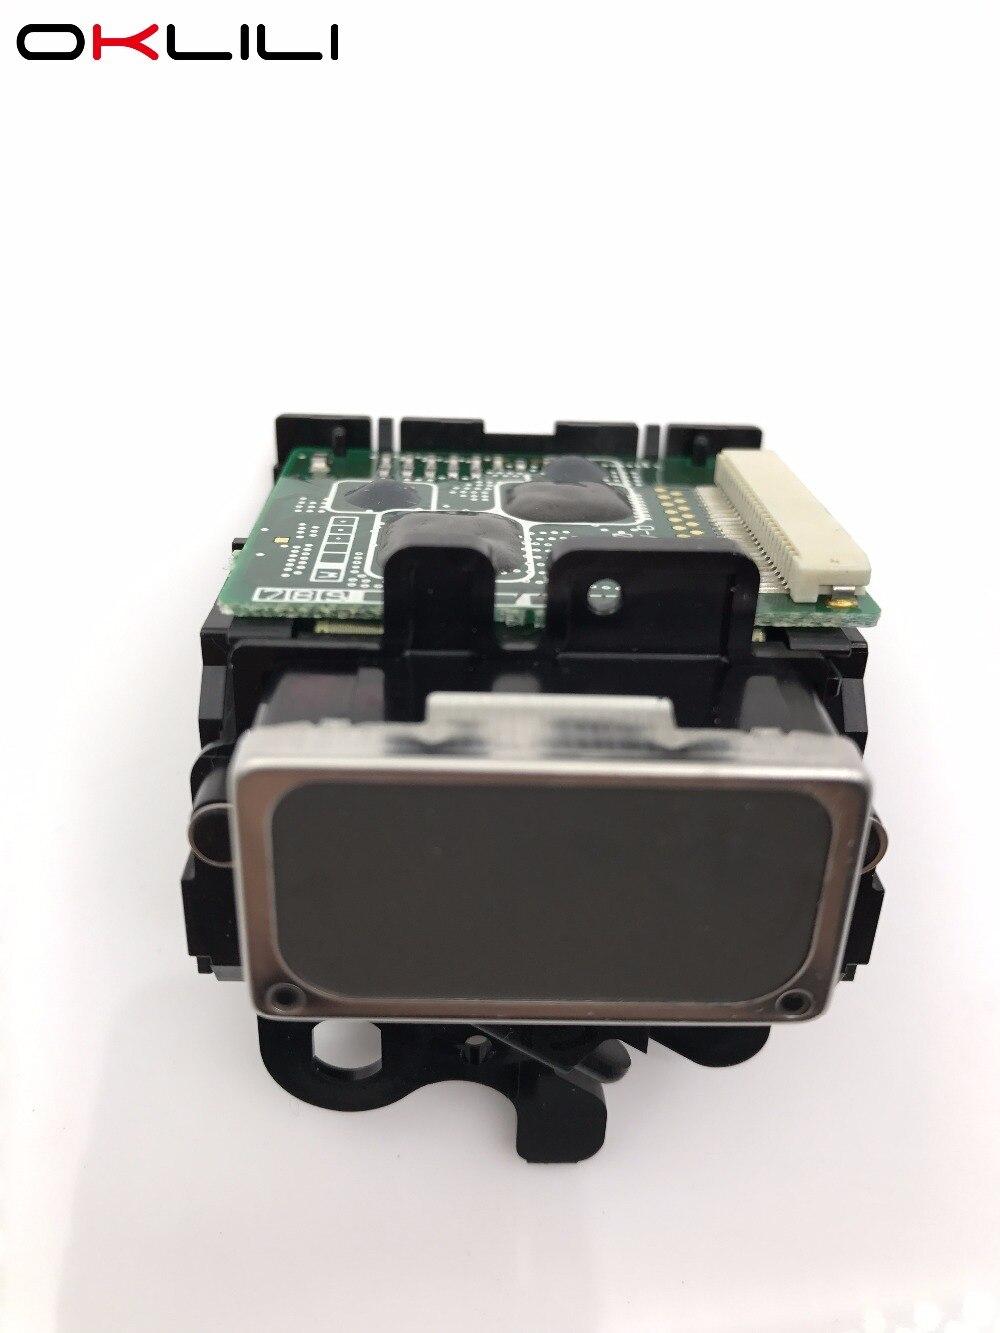 COR Impressora De Cabeça De Impressão Da Cabeça de Impressão para Epson DX2 F055090 F055030 Cor 1520 1520 K 3000 800 800N PRO 5000 7000 7500 9500 9000